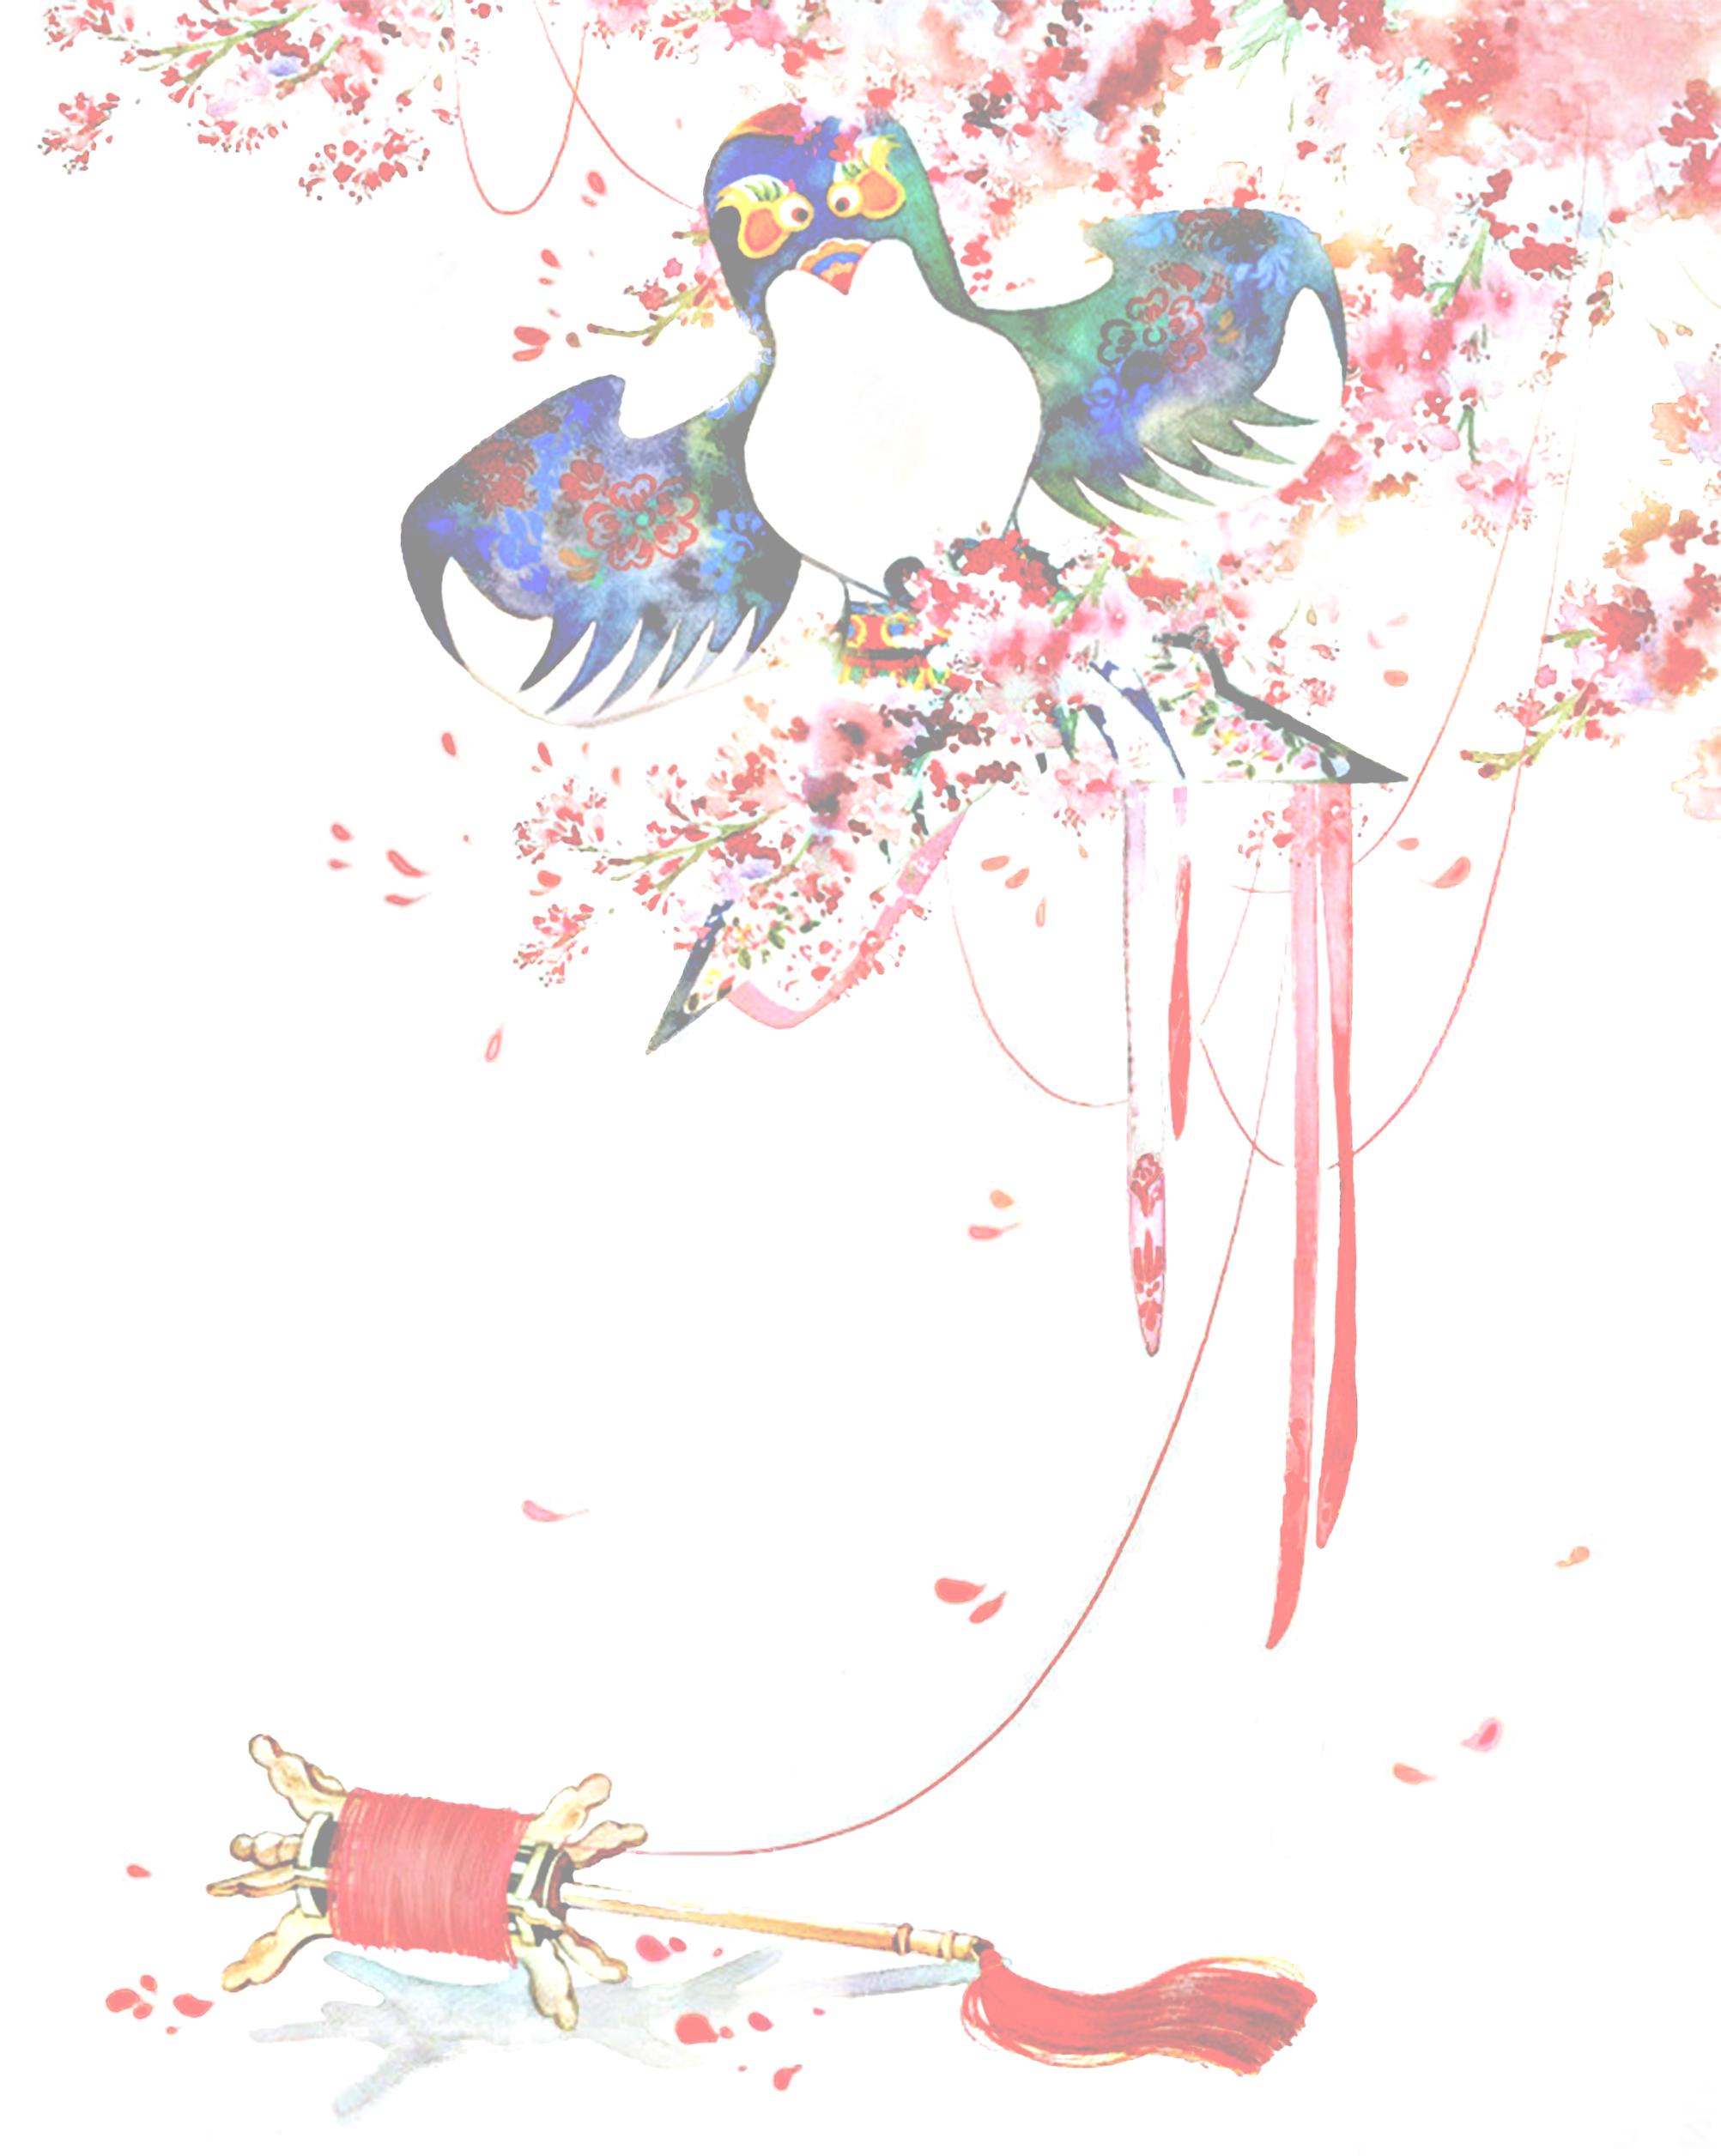 Cometa chino viento elegante plantilla de fondo Kite Fondo Elegante ...